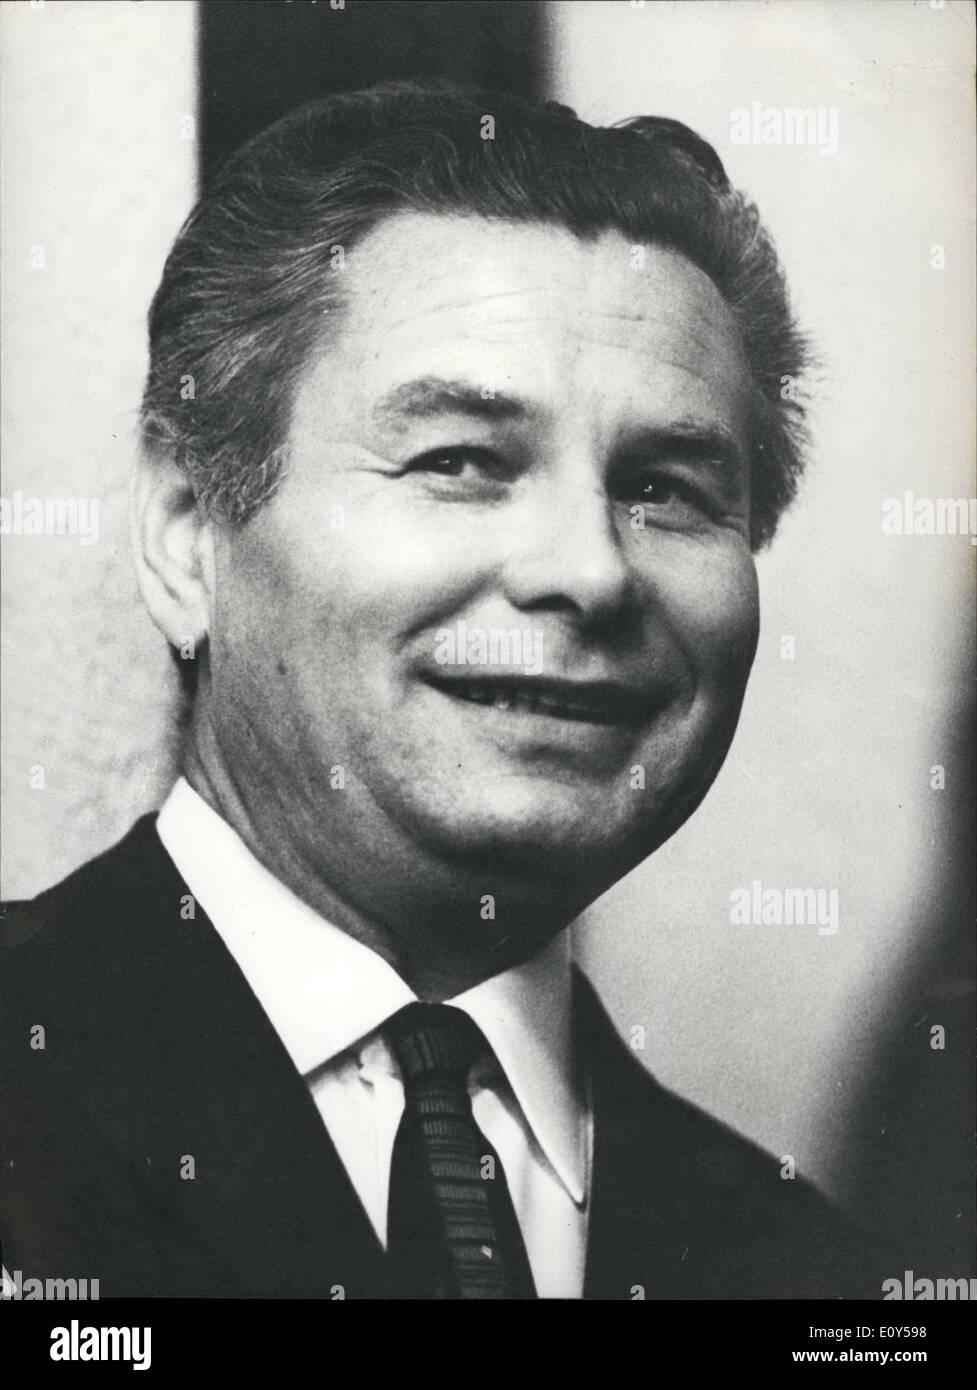 11 novembre 1968 - OTA Sik de lex-Ministre de l'économie du gouvernement Dubech - il est en exil en Suisse Photo Stock